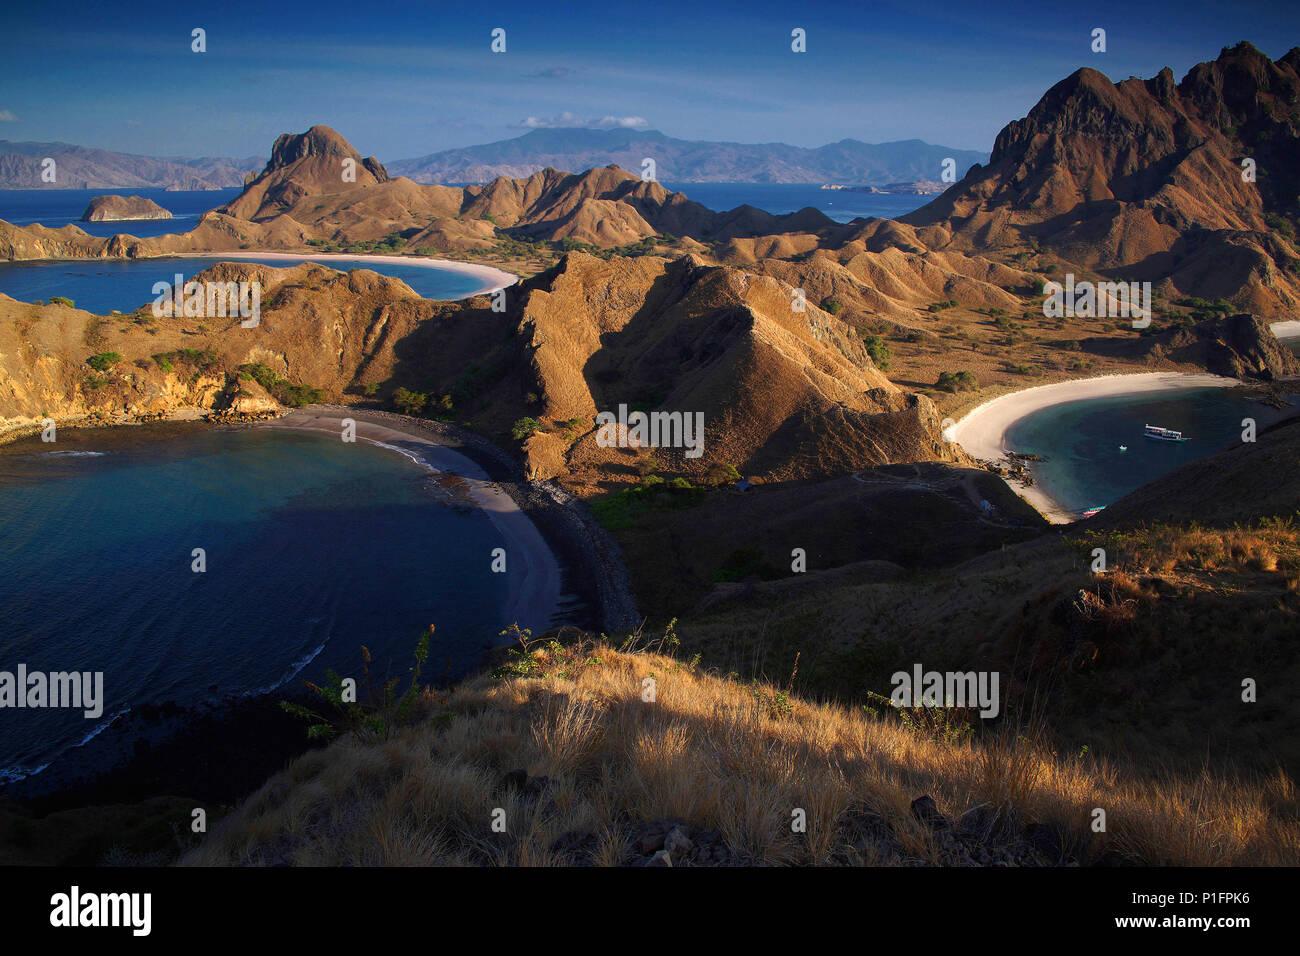 Asia, Indonesia, Padar Island, Padar Island,, Asien, Indonesien, Padar Insel - Stock Image